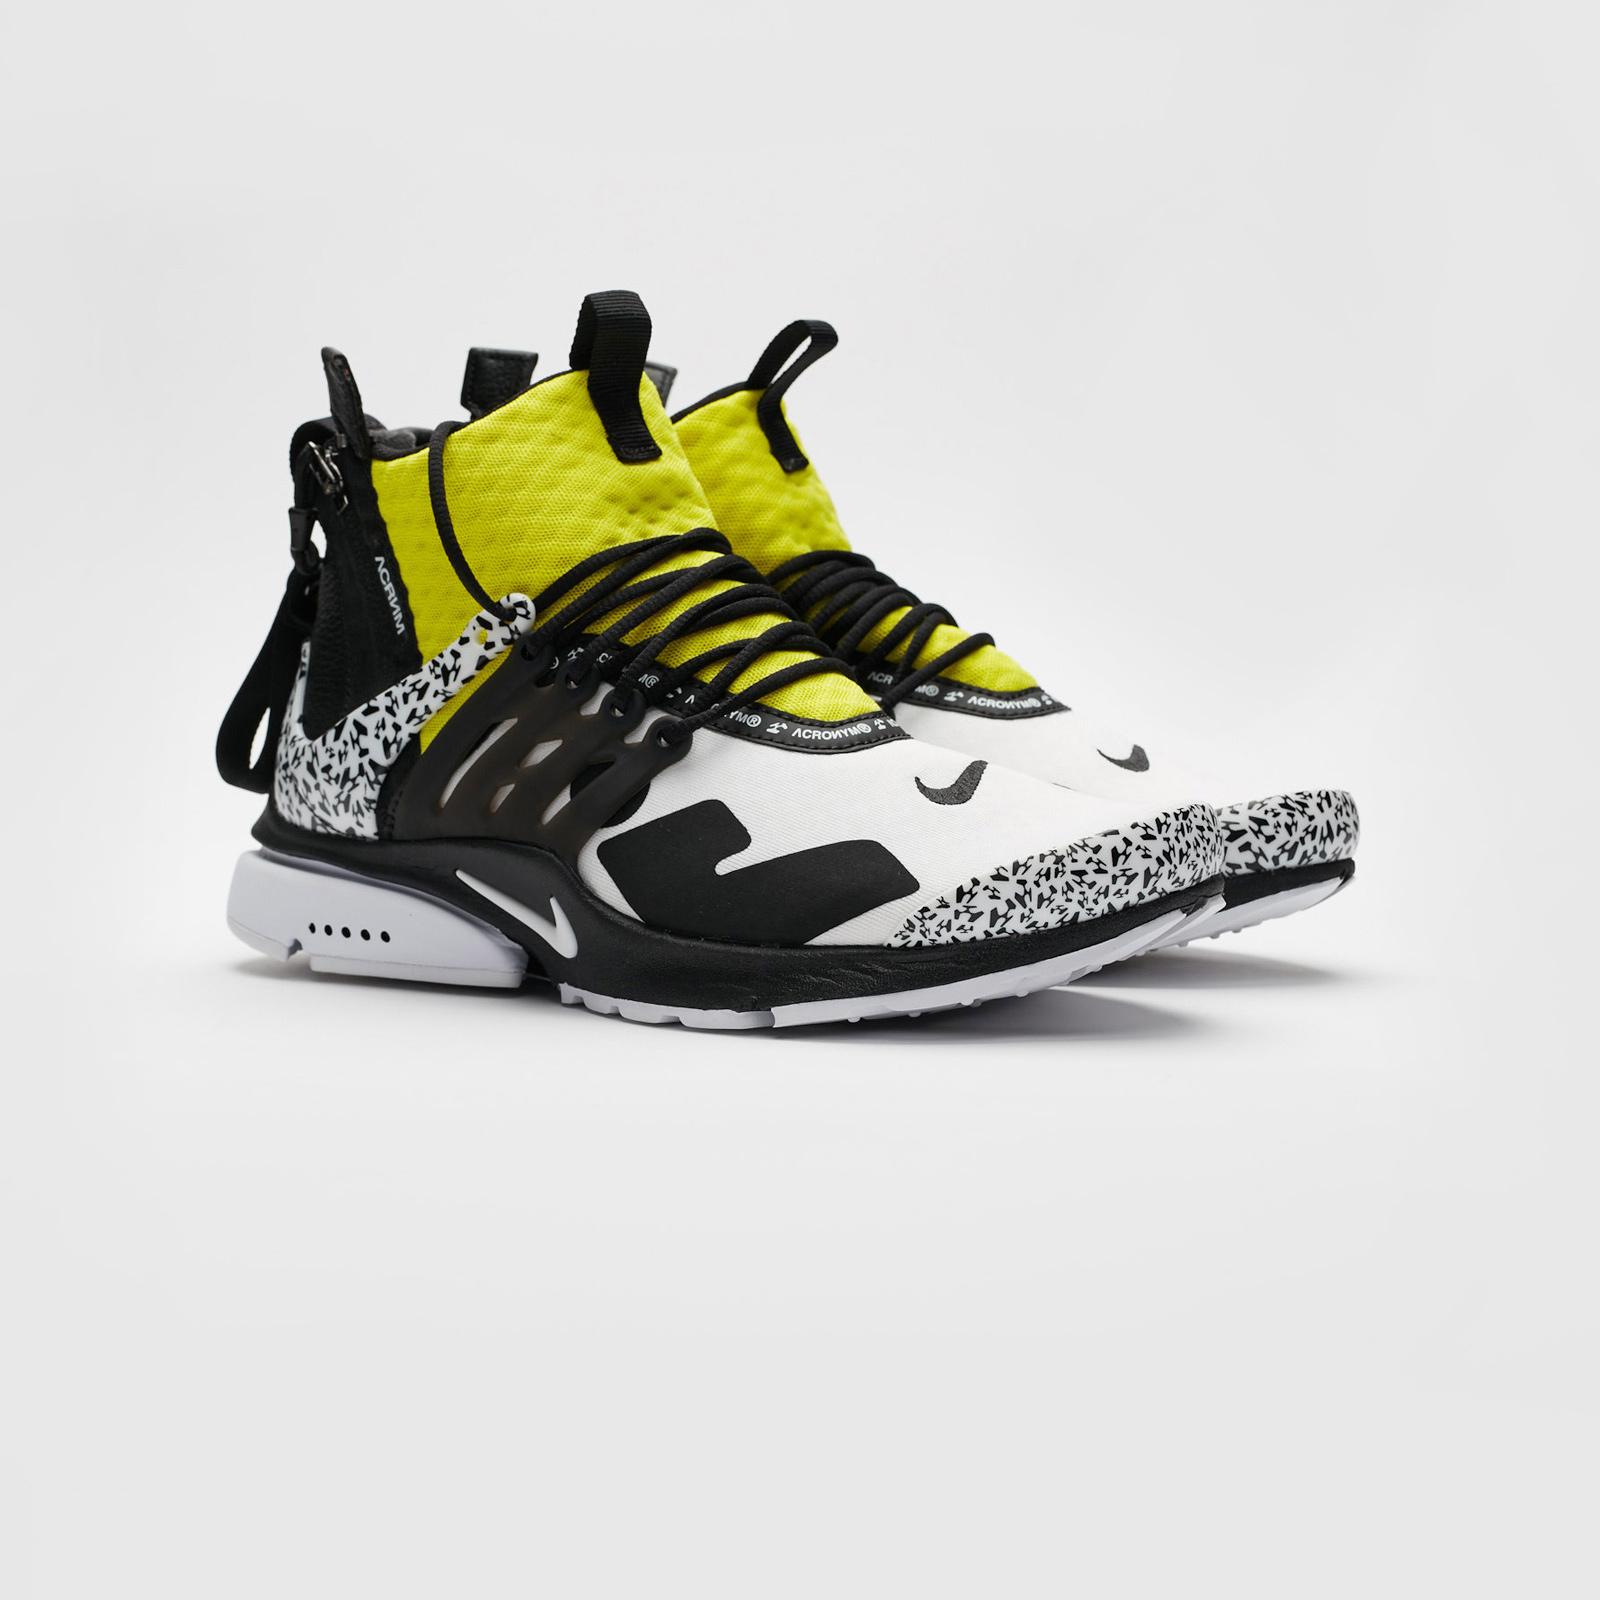 6030f8a479fec3 Nike Air Presto Mid x Acronym - Ah7832-100 - Sneakersnstuff ...